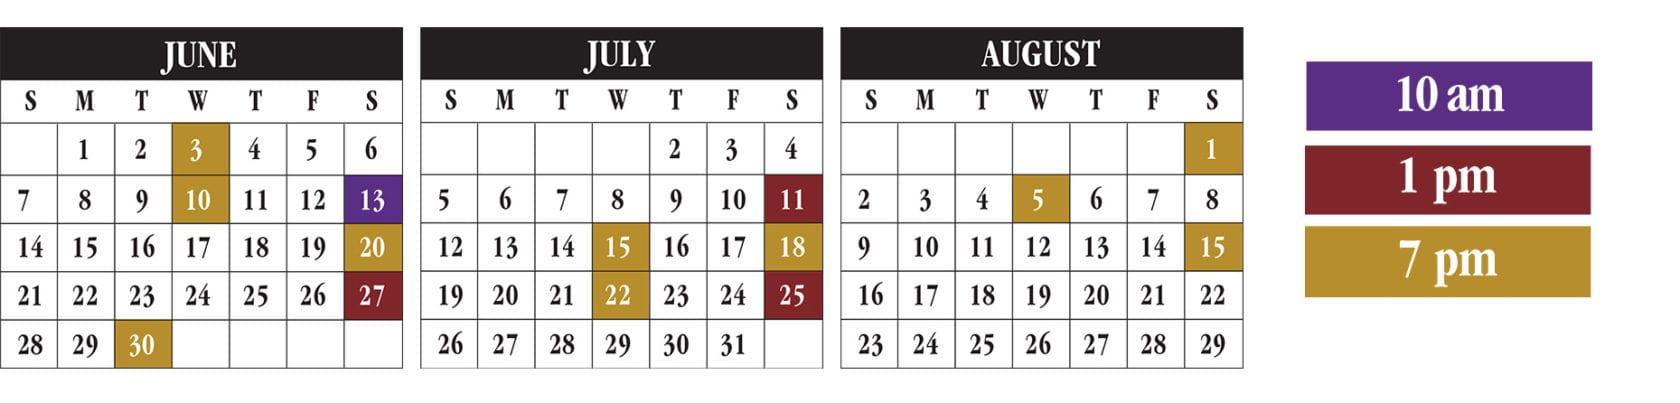 Bag of Dreams - Kids Concert Schedule